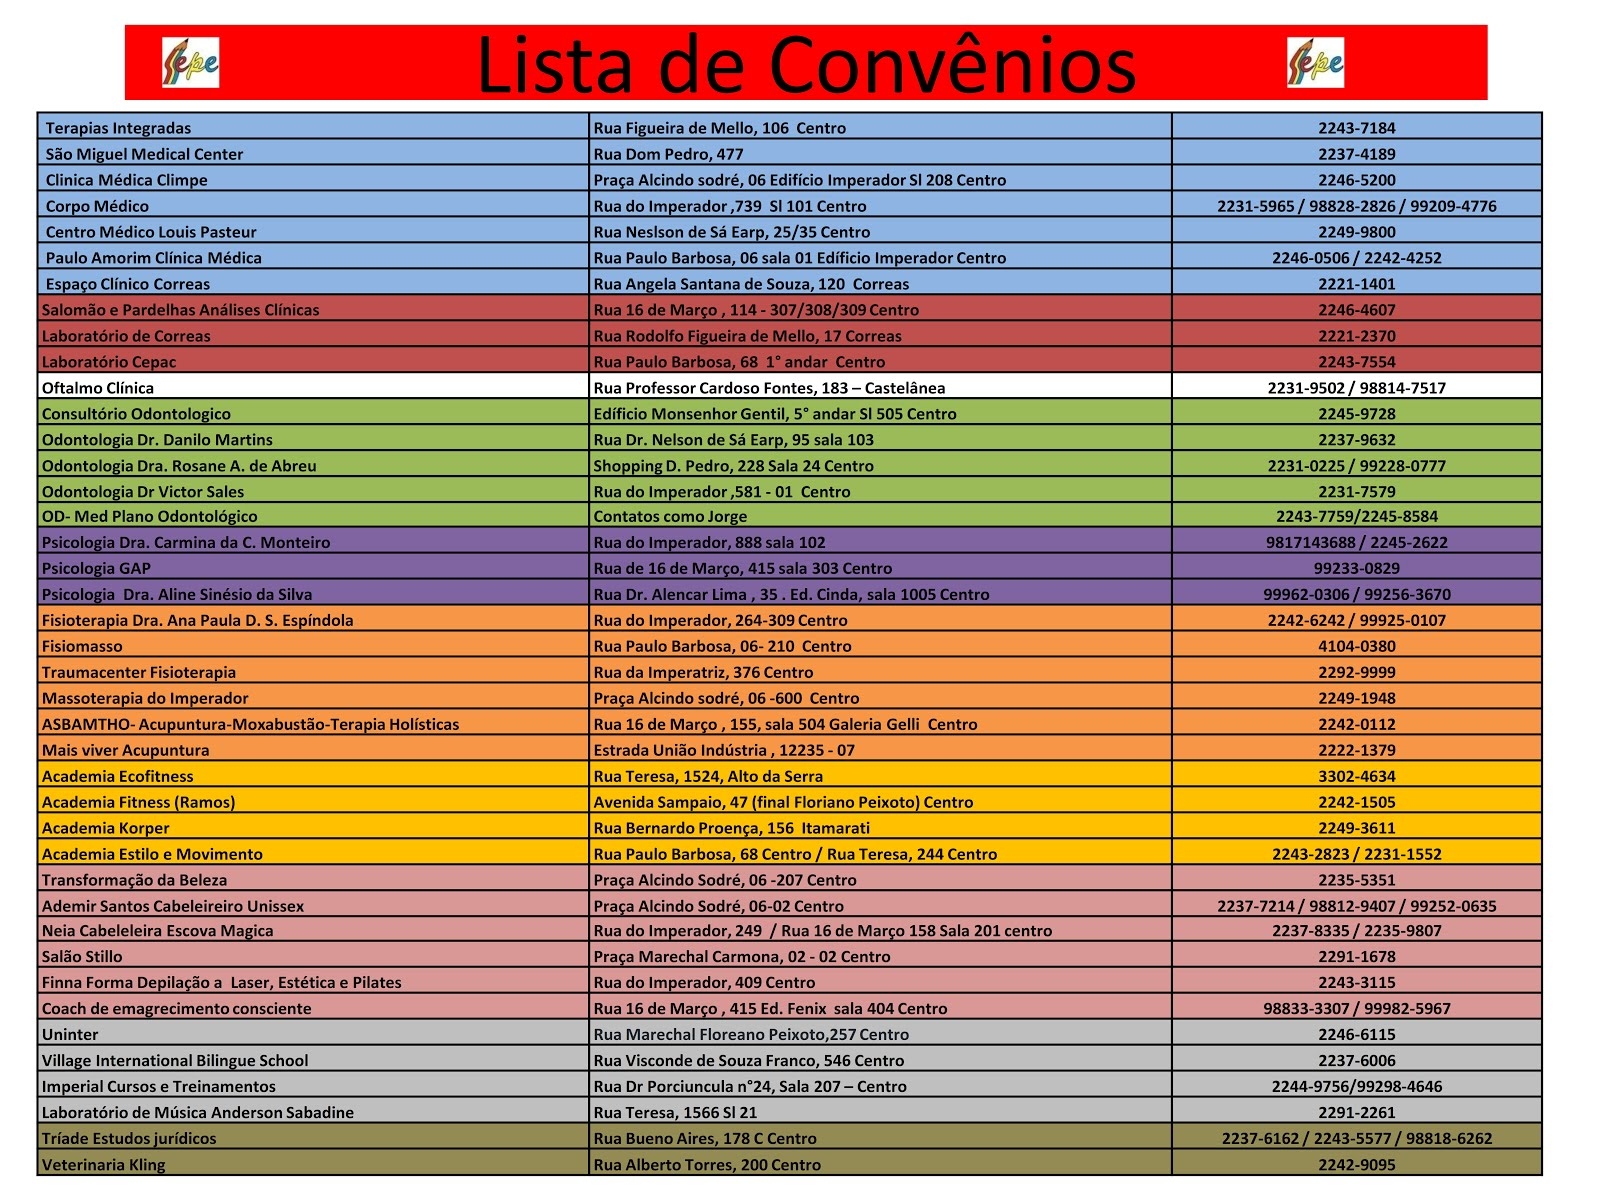 PARCERIAS DE DESCONTO 2018